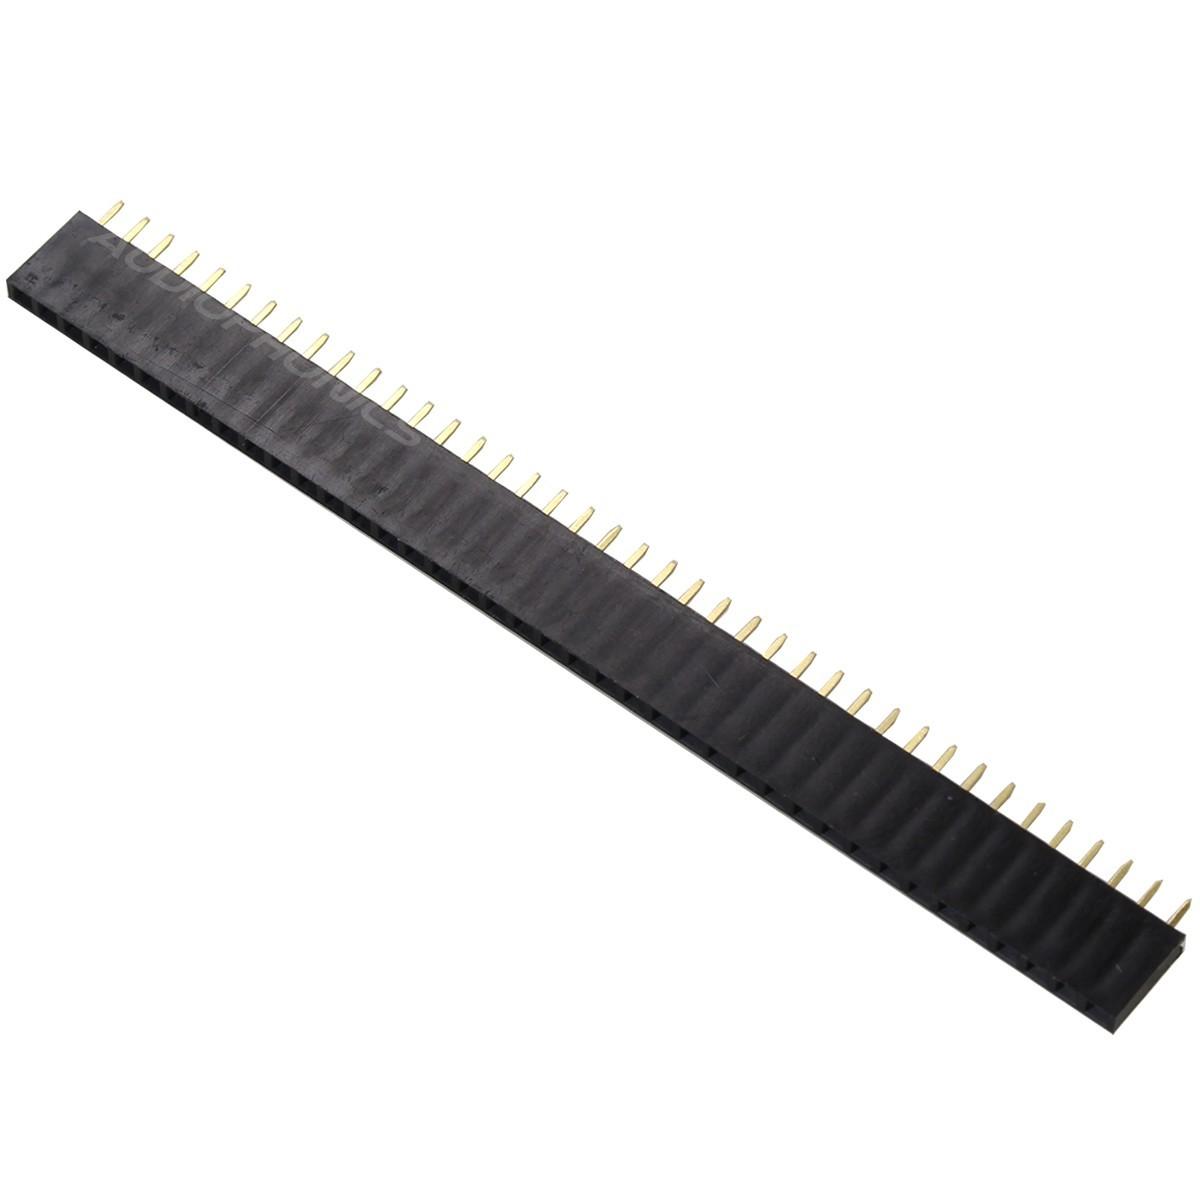 Connecteur Barrette 2.54mm Mâle / Femelle 40 Pôles 3mm (Unité)